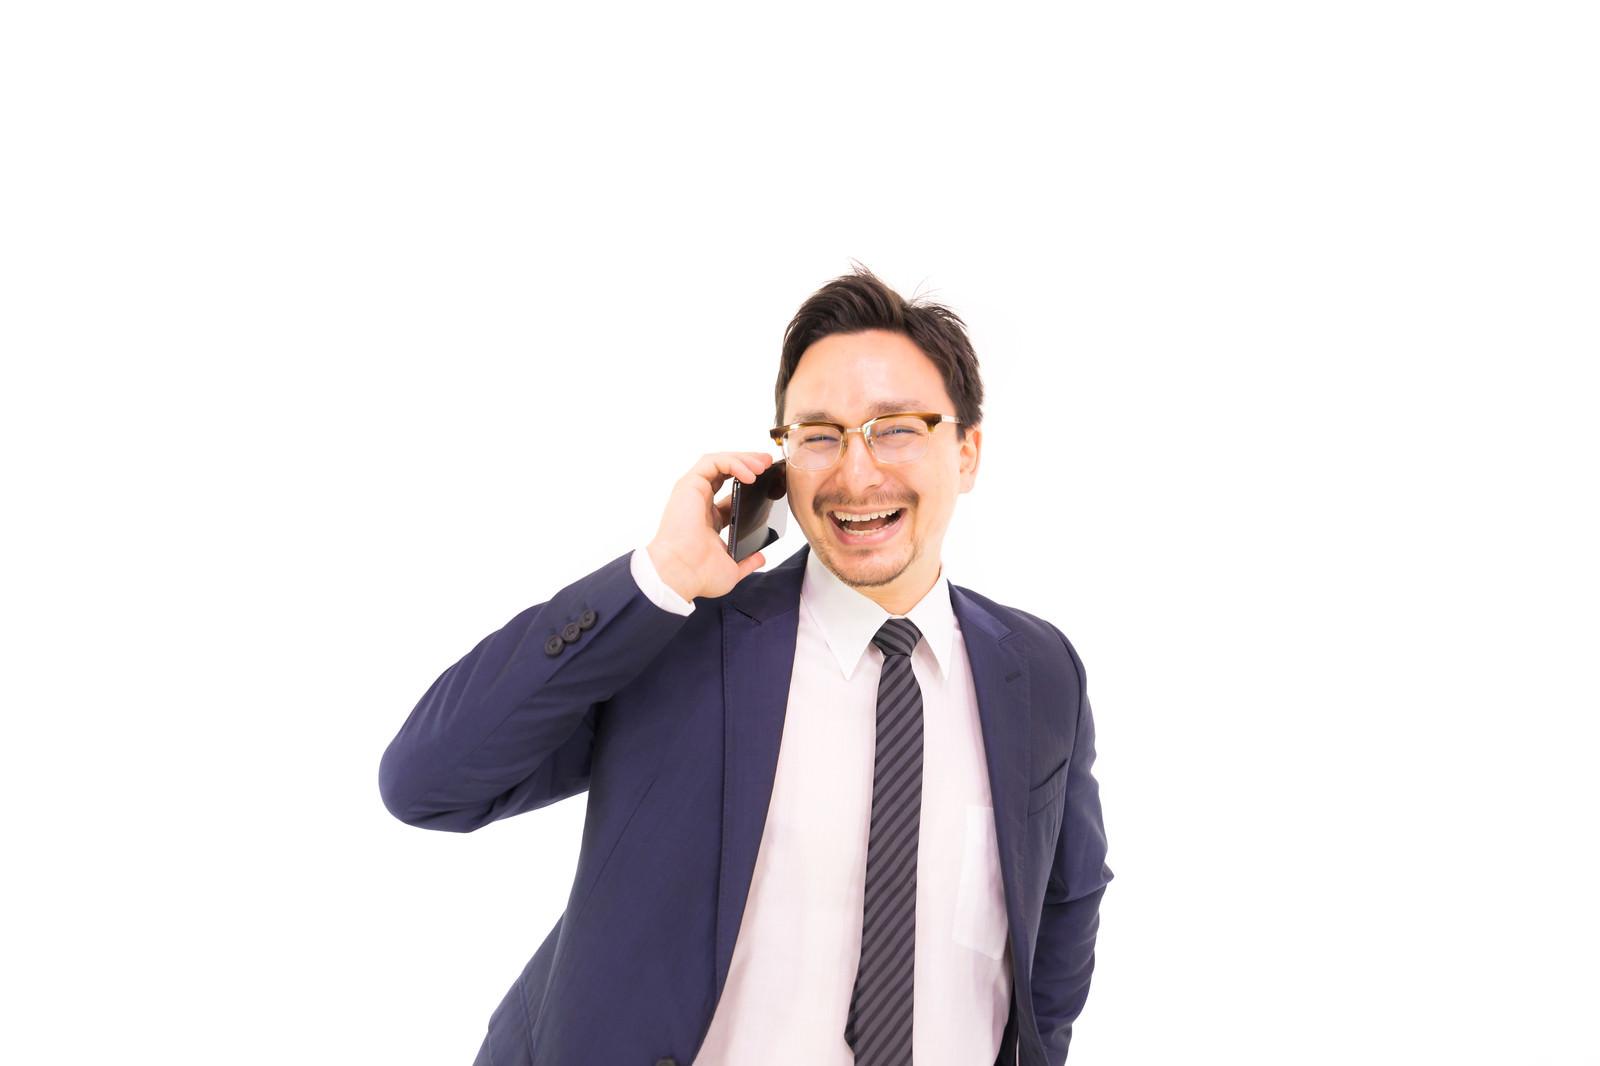 「電話しながら笑顔になるドイツ人ハーフ」の写真[モデル:Max_Ezaki]